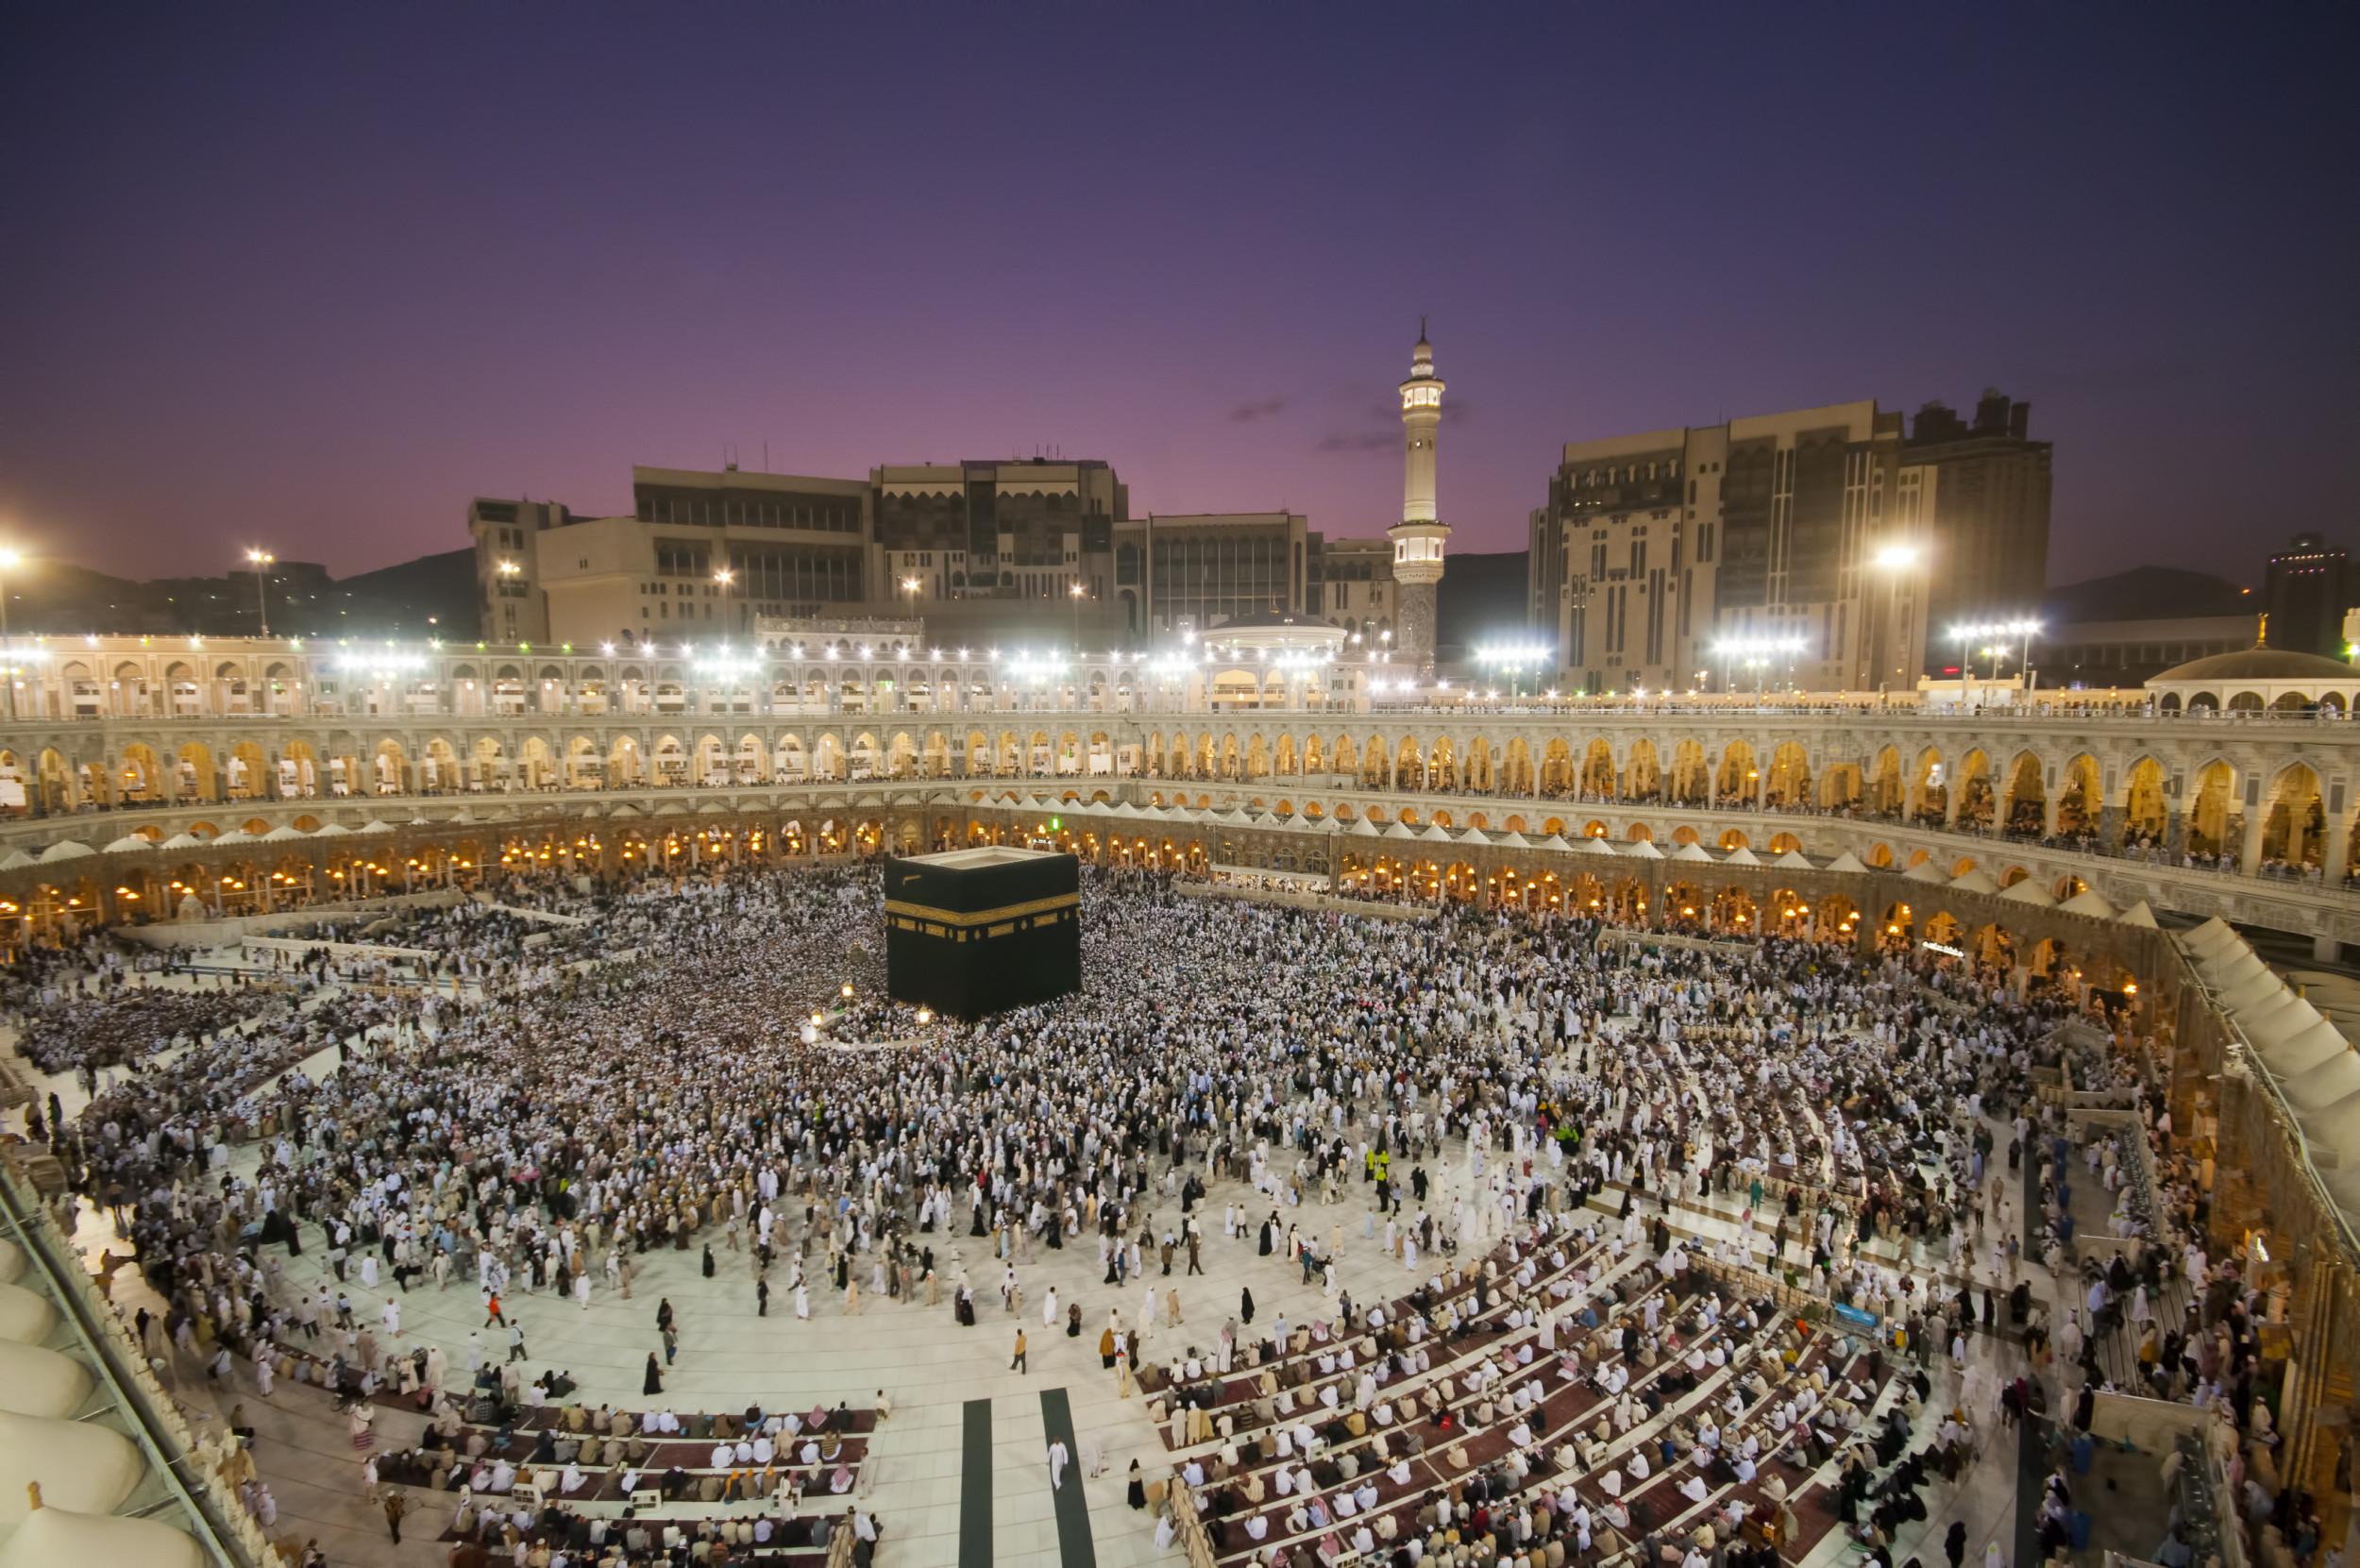 Mecca belongs to all Muslims, and Saudi Arabia shouldnt